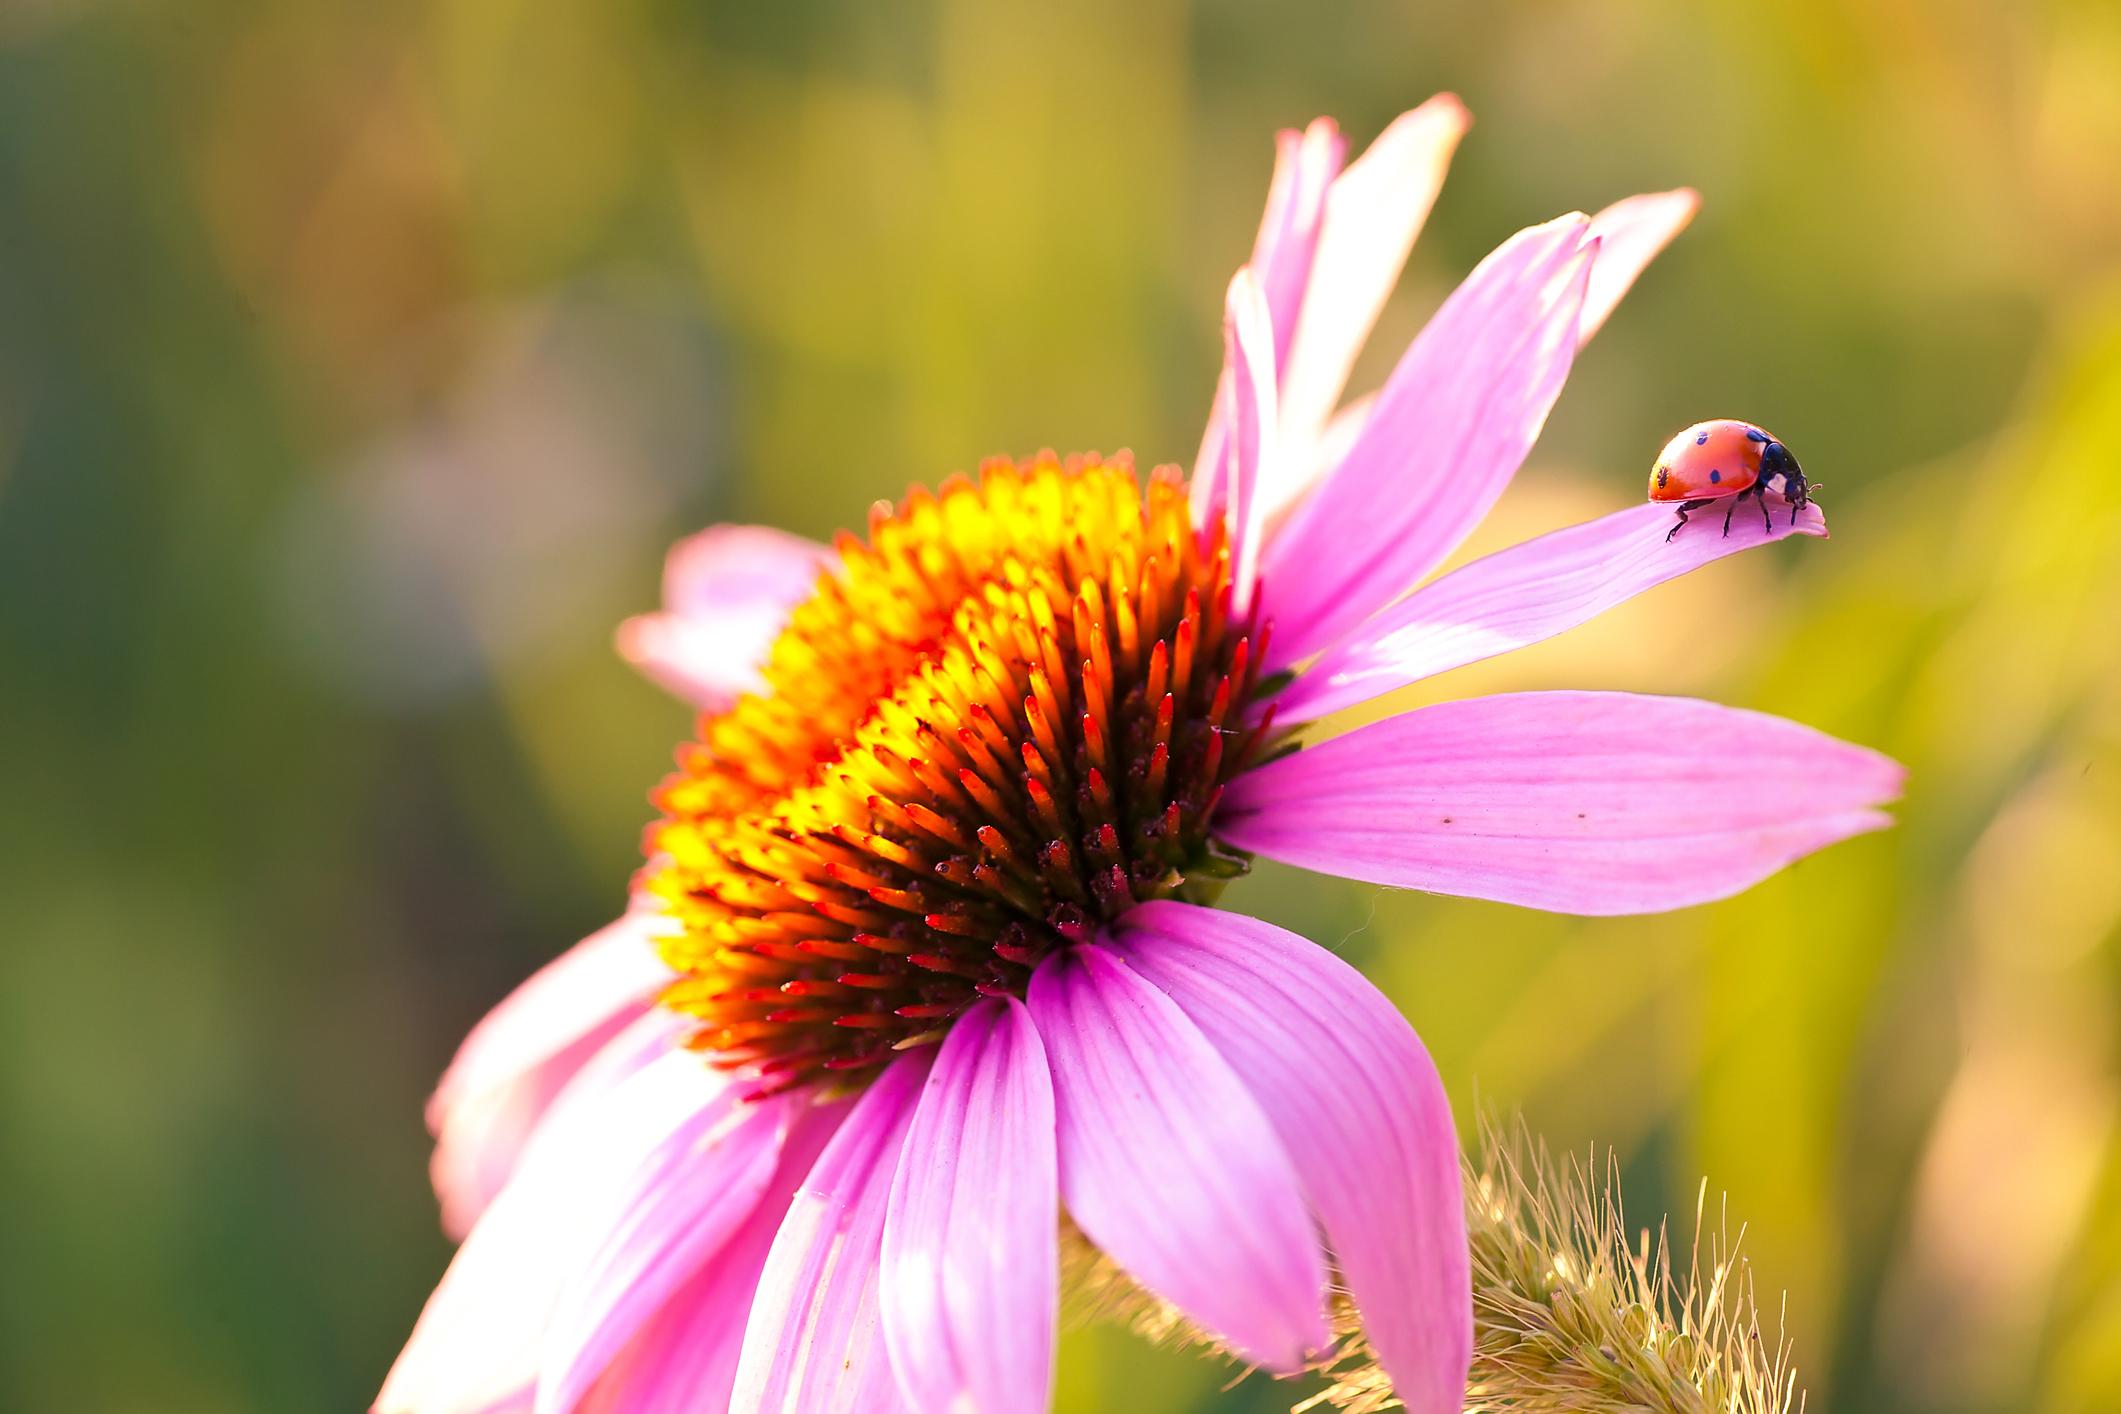 flowerfield.jpg